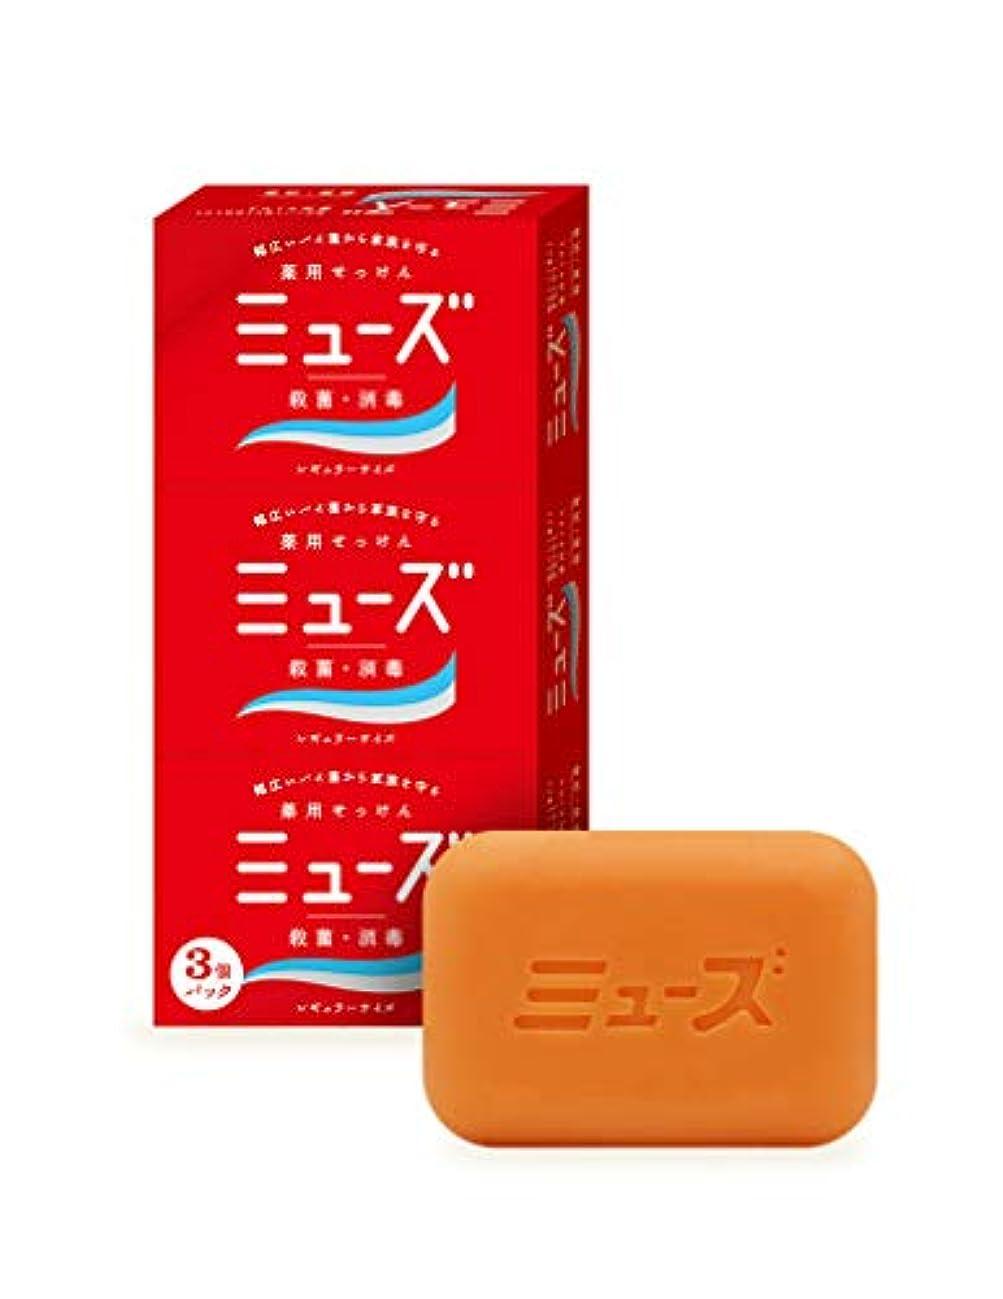 クラウン出撃者ロバ【医薬部外品】ミューズ石鹸 レギュラー 95g×3個パック